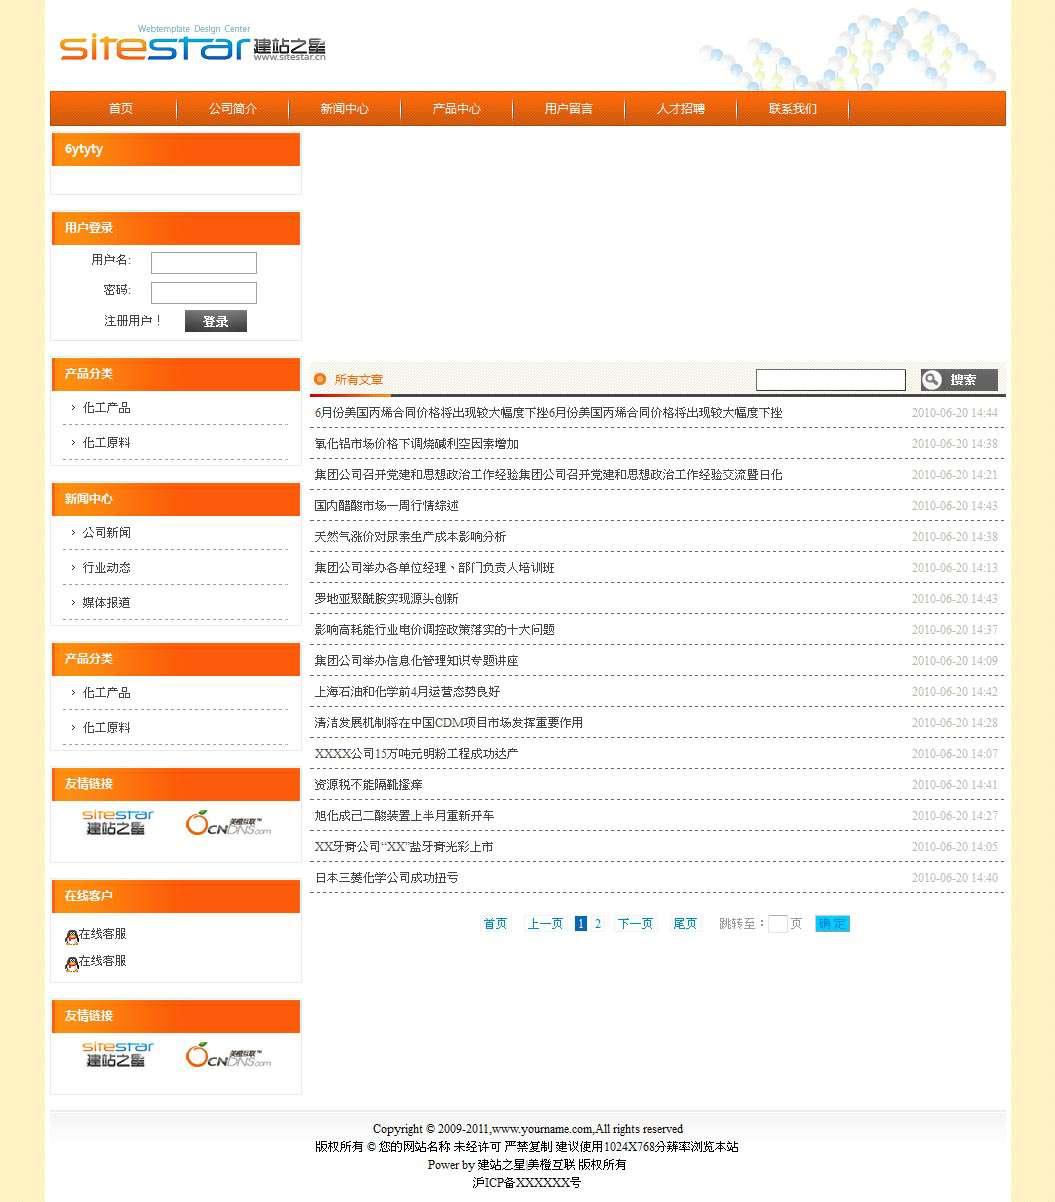 企业网站-化工A24模板列表页面